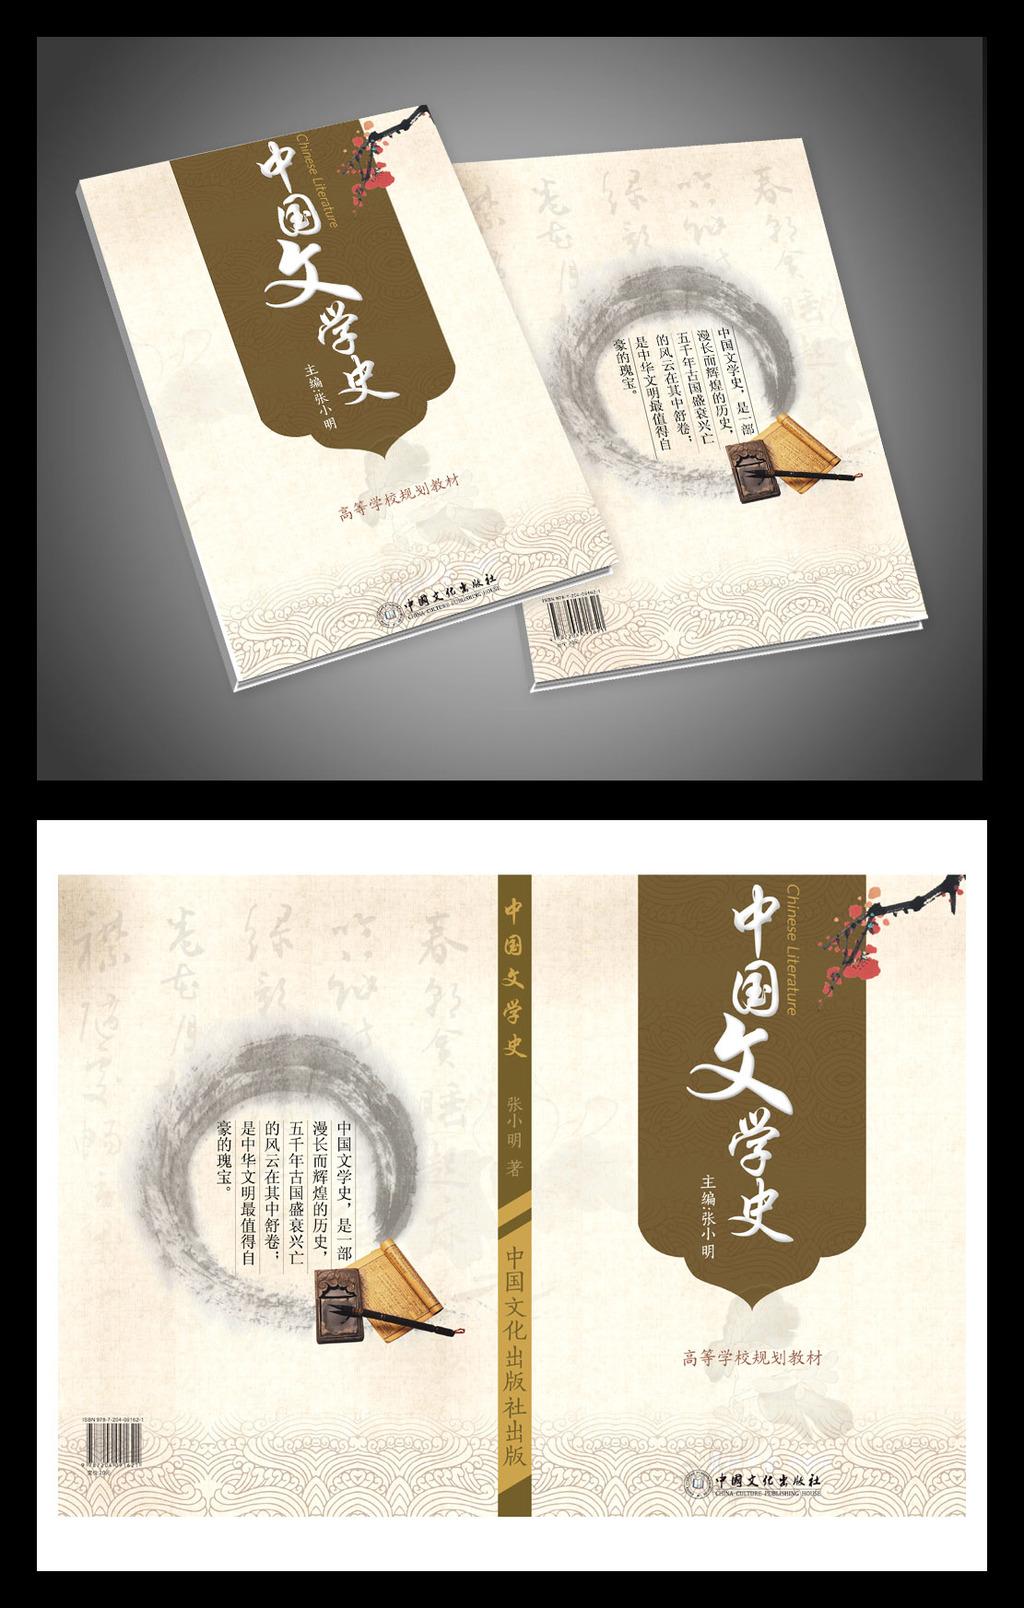 业书皮书籍封面设计; 作文本书皮;